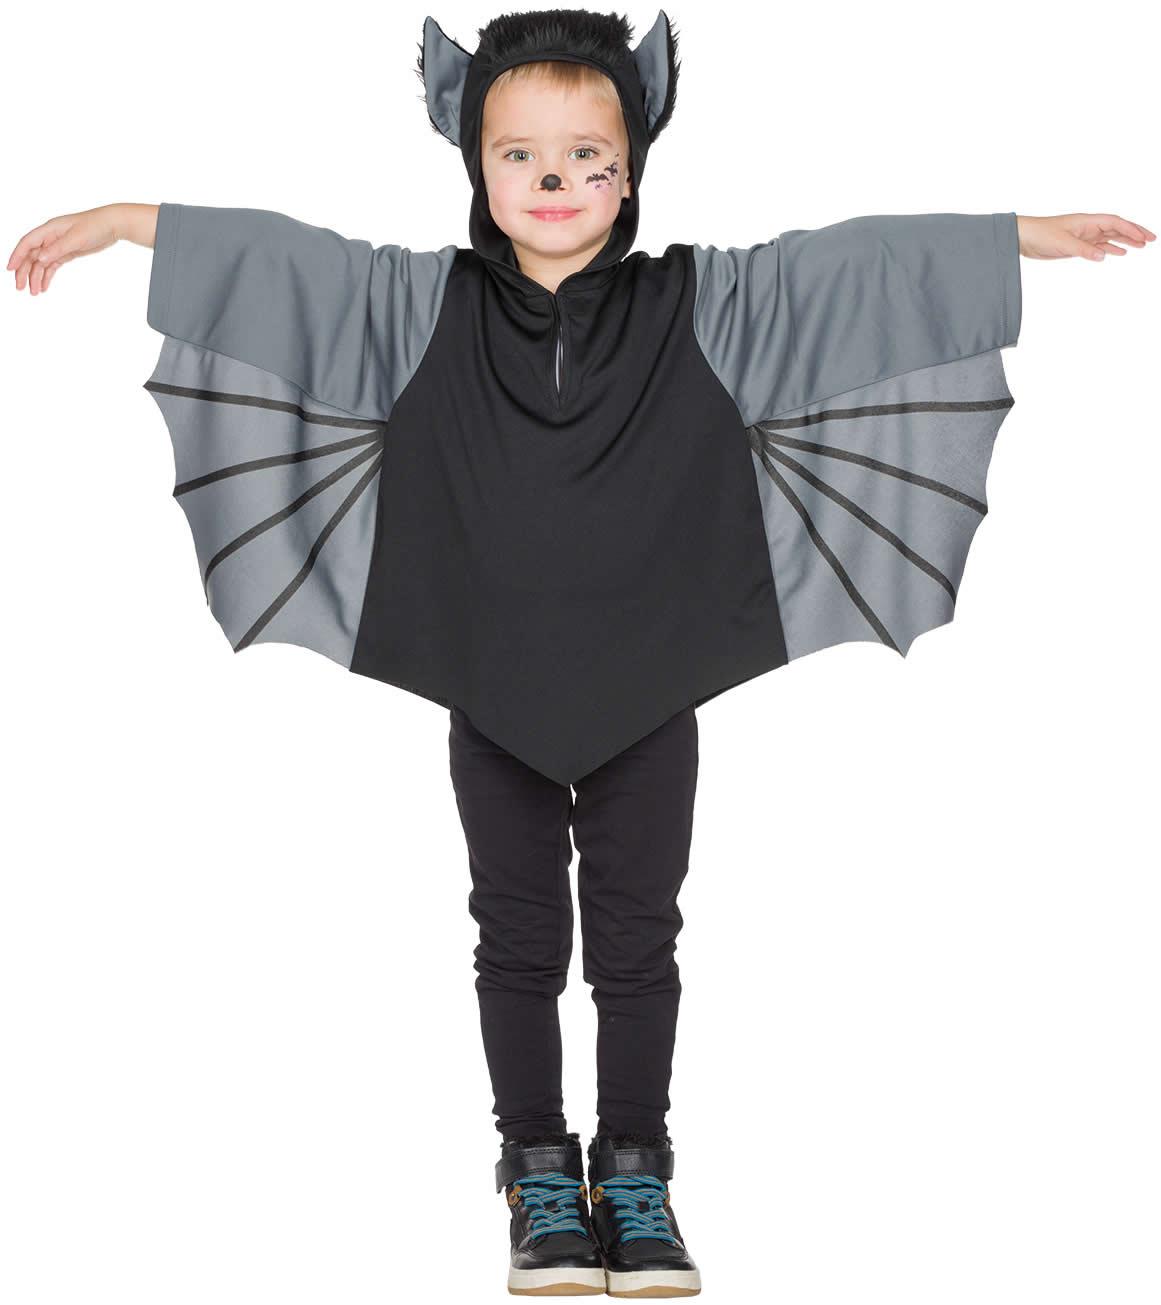 Details Zu Fledermaus Kinder Halloween Karneval Fasching Kostüm 92-128 über Fledermaus Kostüm Kind Selber Machen